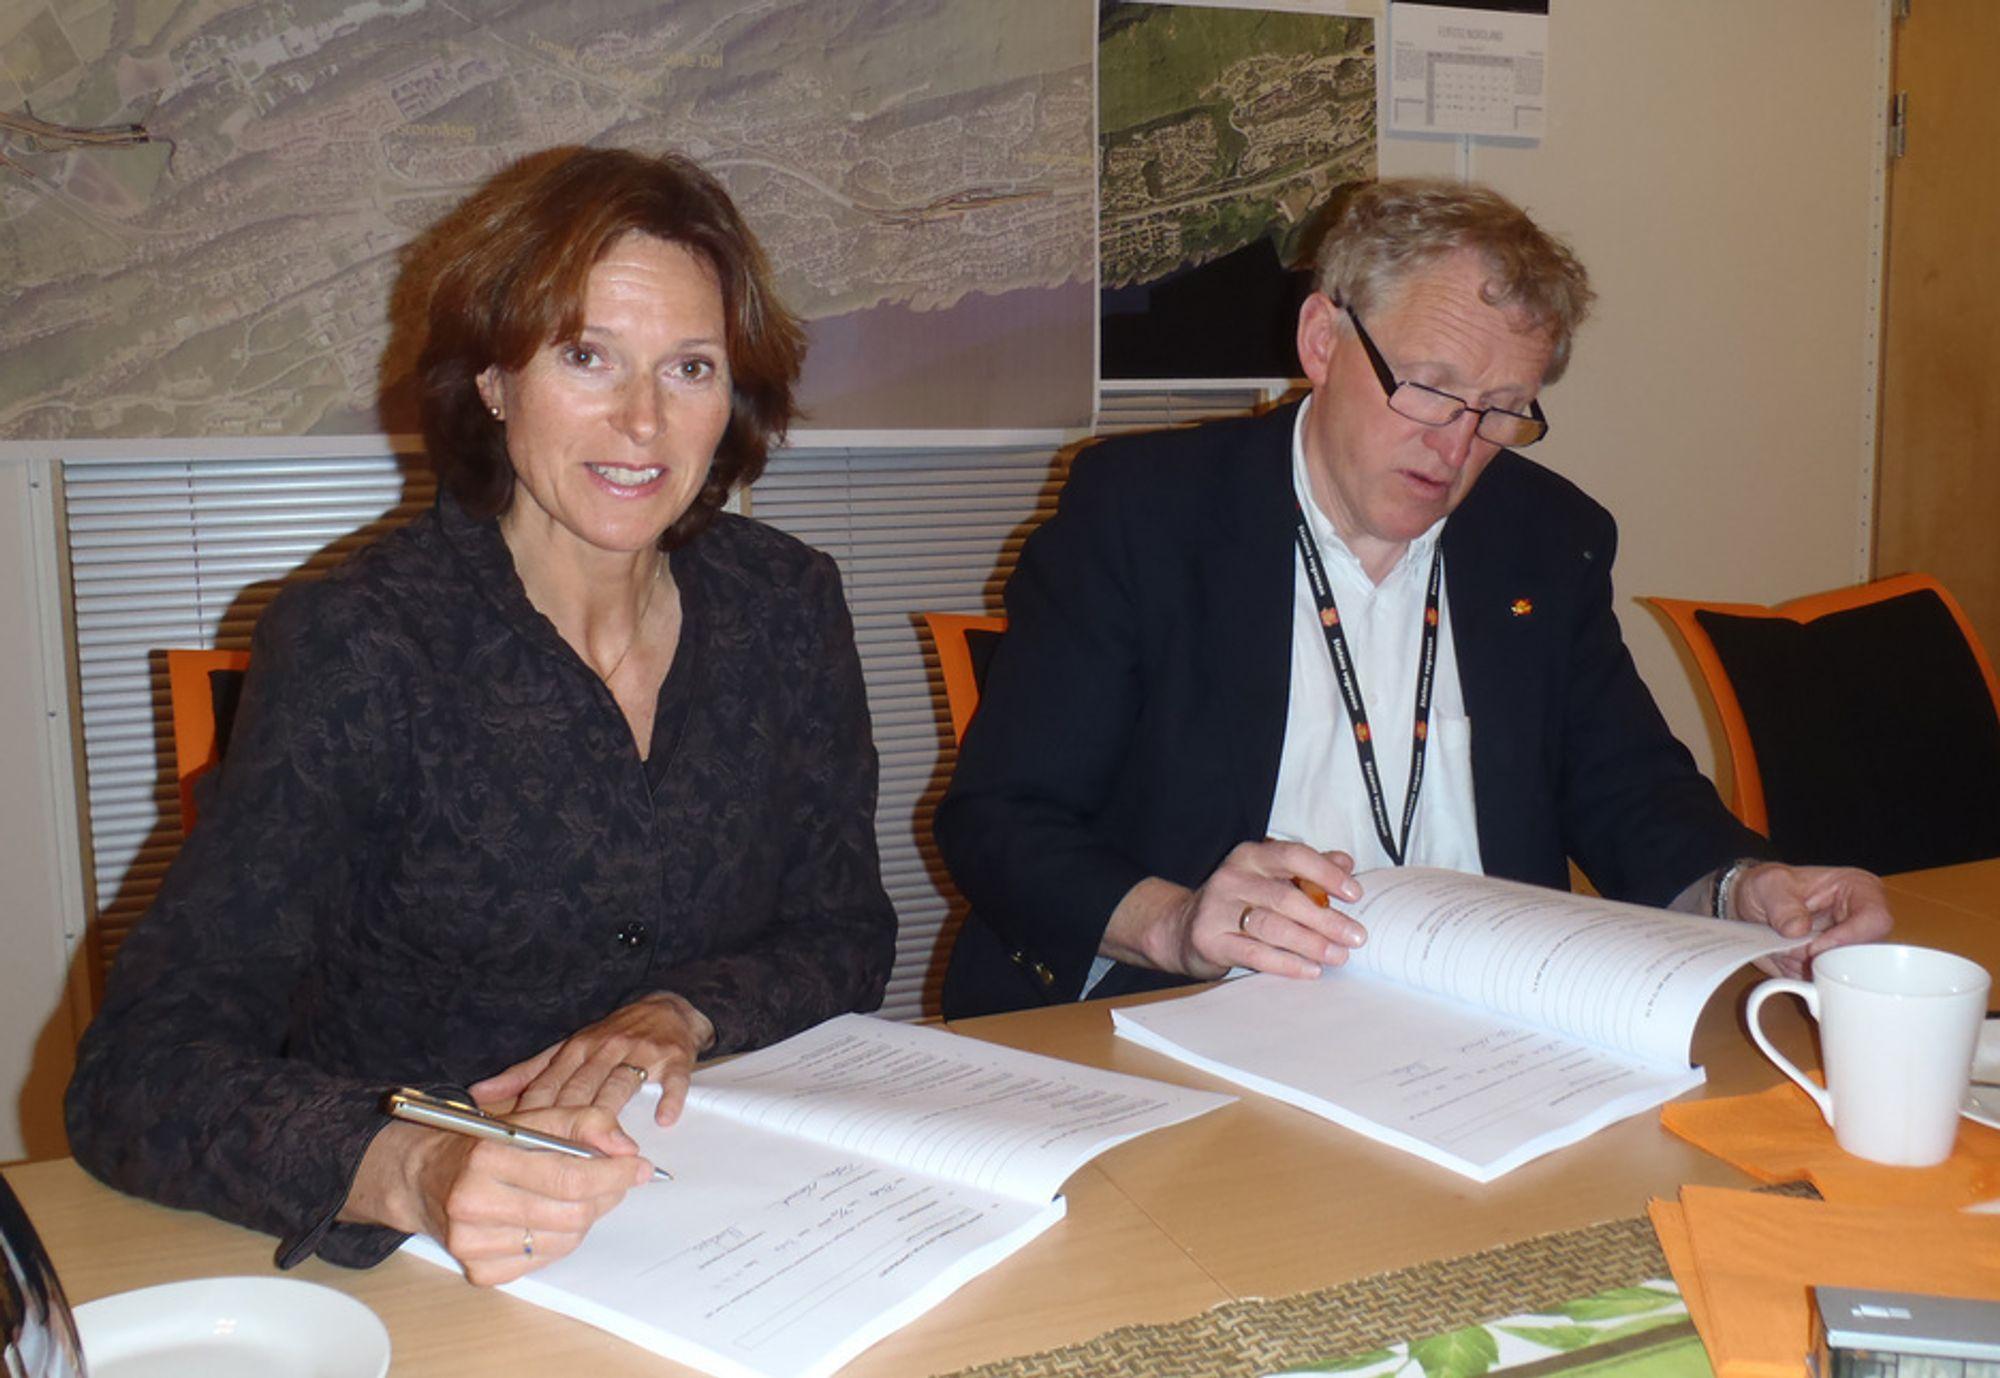 Kontrakt ble signert av Regionvegsjef Torbjørn Naimak fra SVV og kontorleder Bodø Mona Ågnes fra Norconsult.